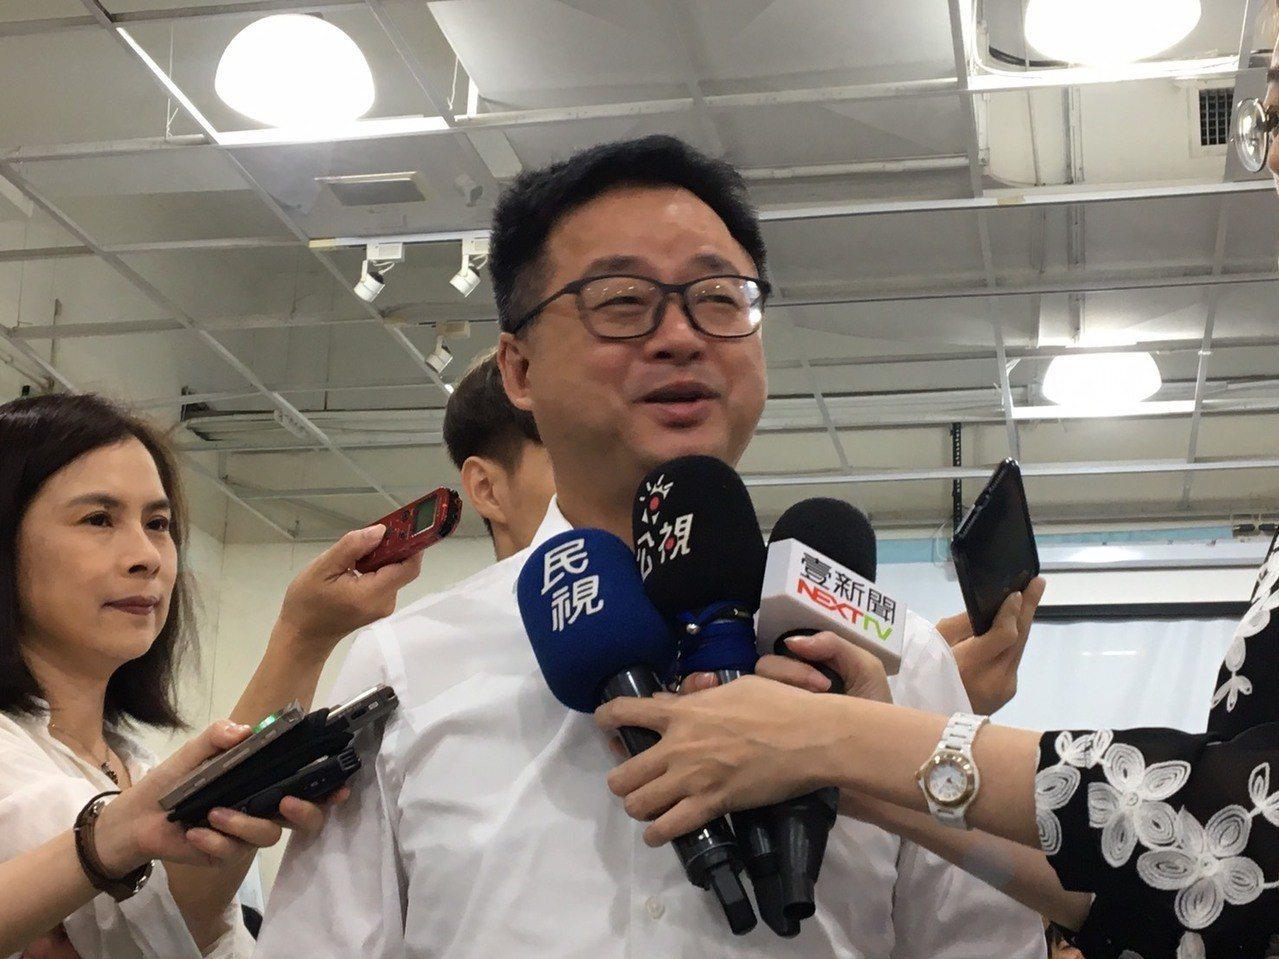 民進黨秘書長羅文嘉出席廢核遊行記者會,會前接受媒體訪問。 聯合報記者周佑政/攝影